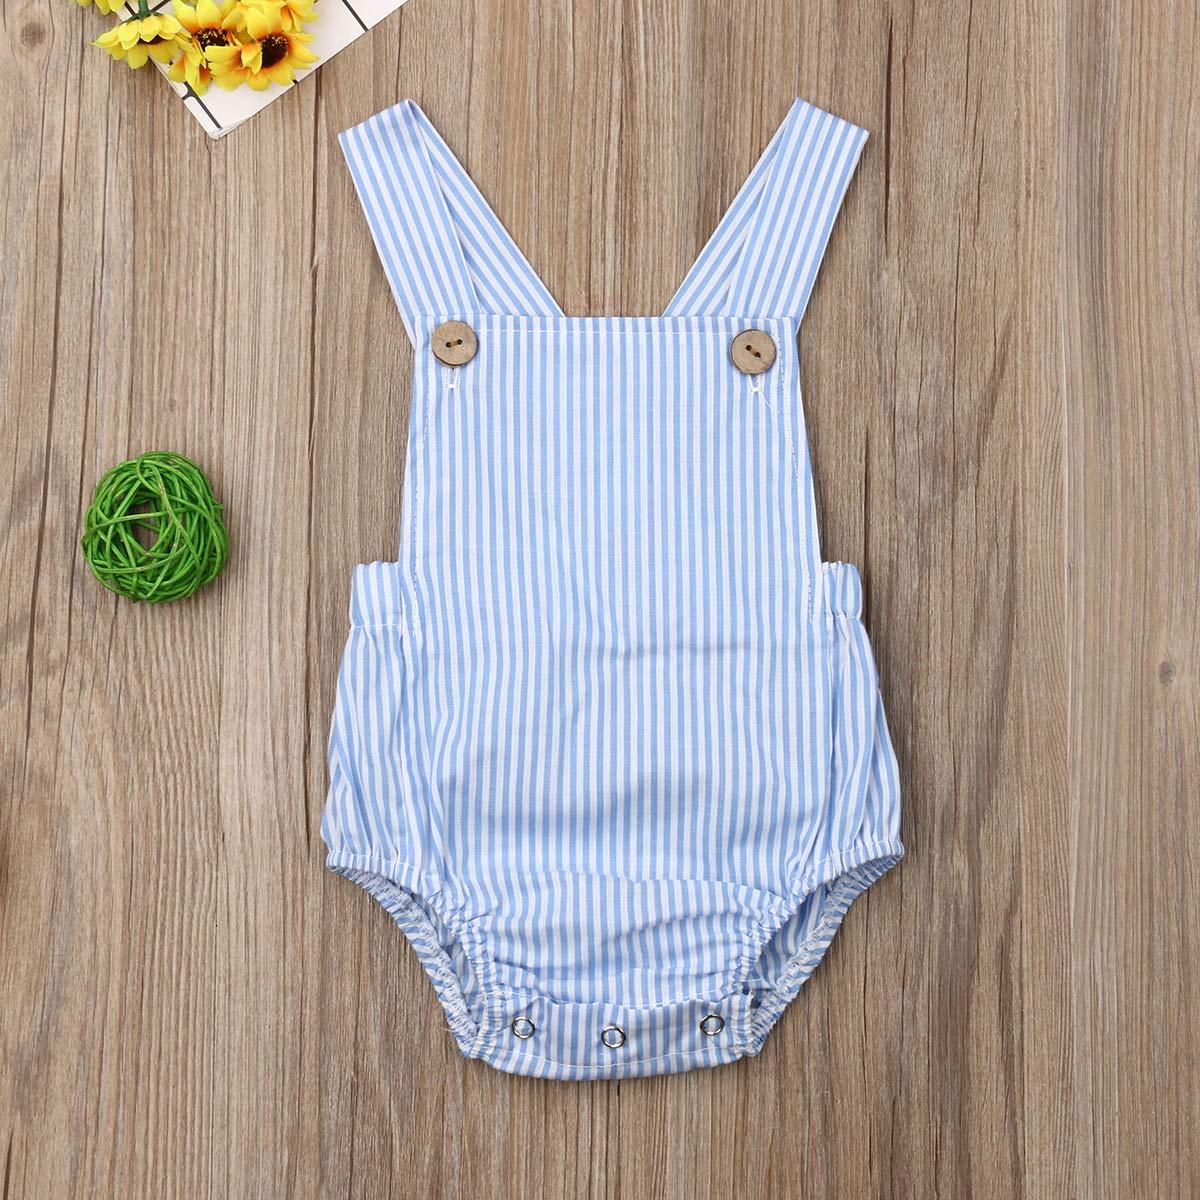 Shawnlen S/äugling Kleinkind-Baby-M/ädchen-Spielanzug-Unisex-/ärmellose Normallack-B/ügel-Spielanzug-Baumwolloutfits 0-24 Monate